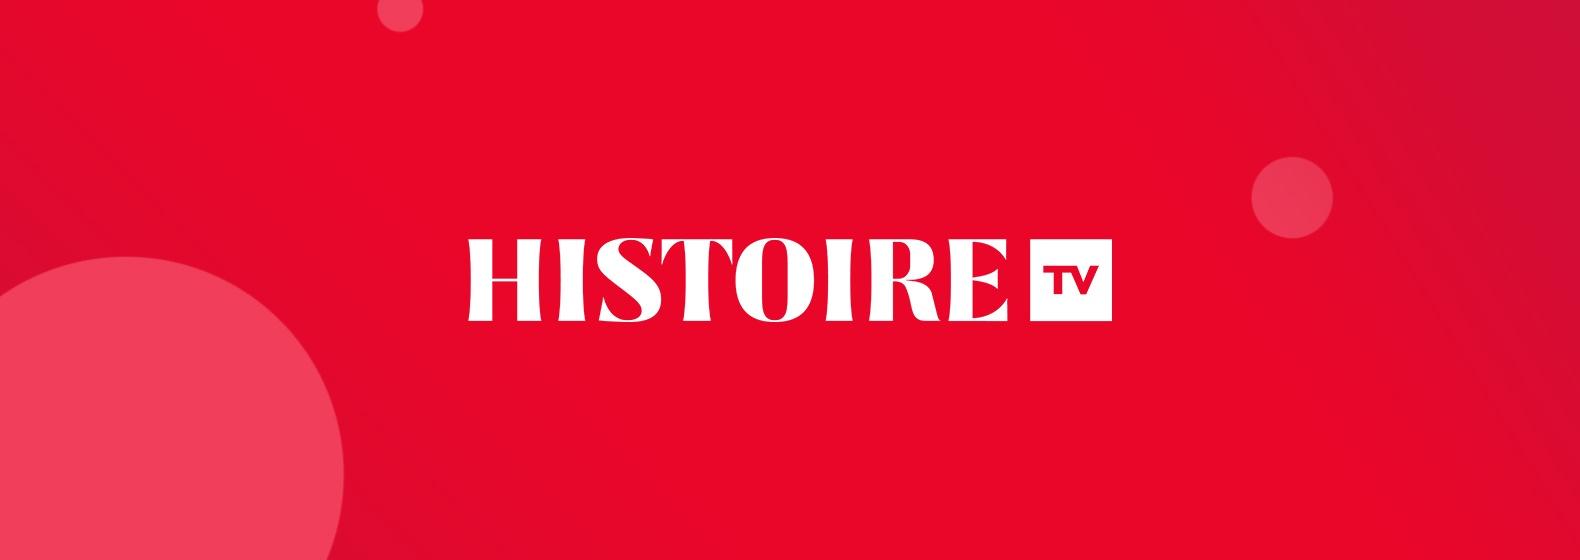 histoire-tv-1.jpg